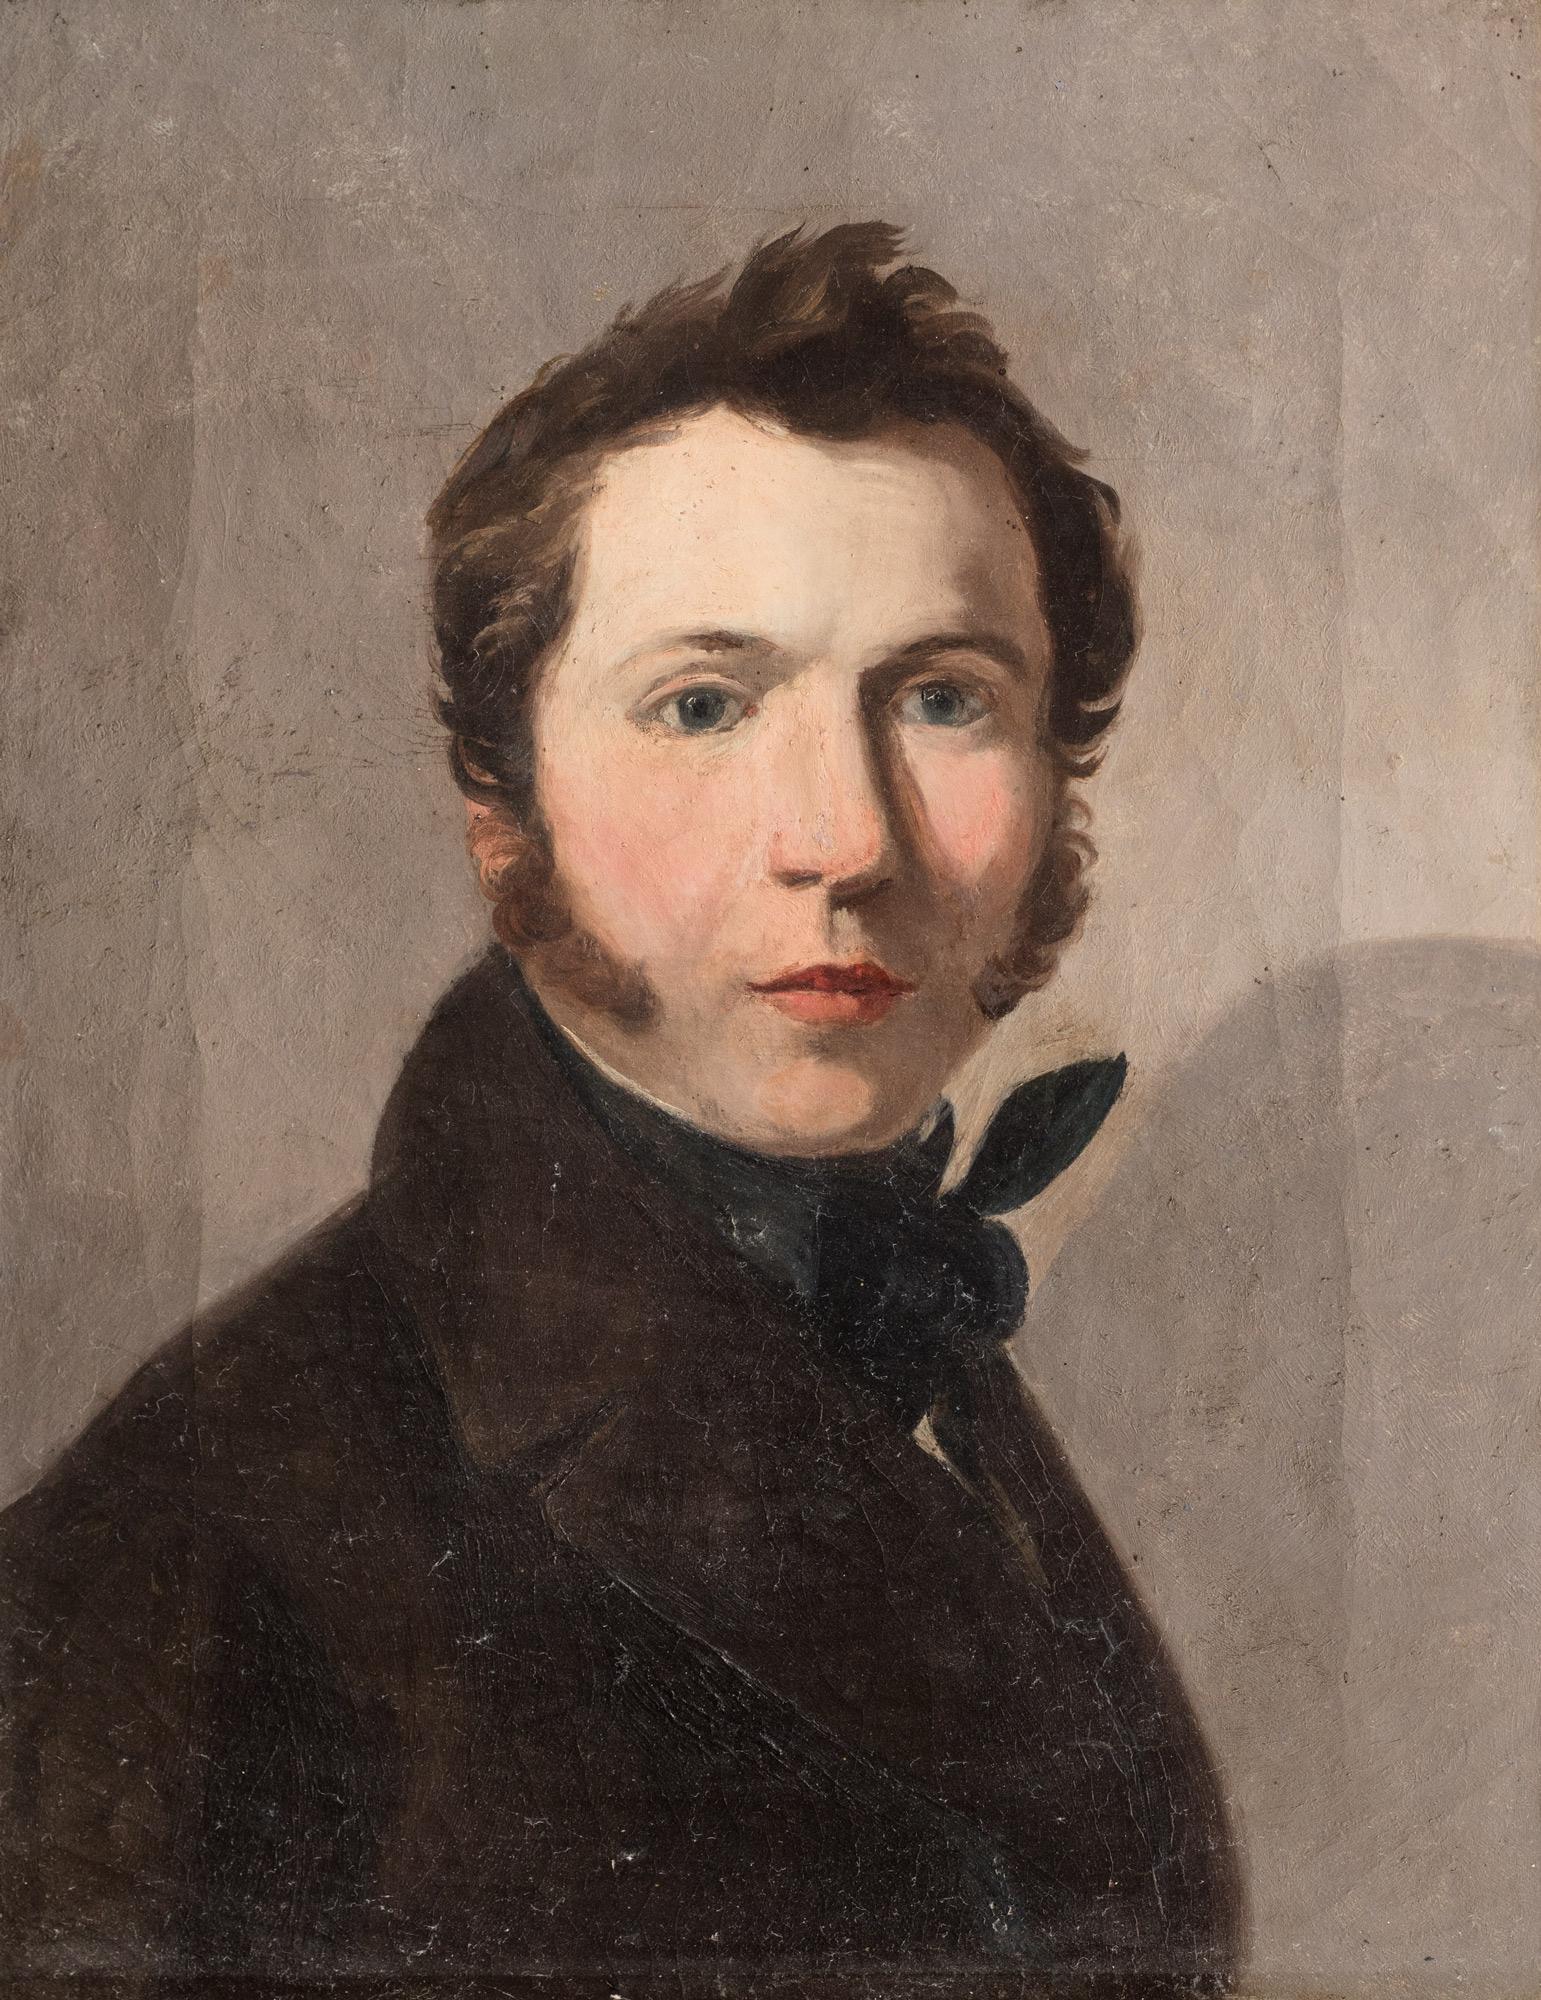 Ritratto di giovane uomo a mezzo busto